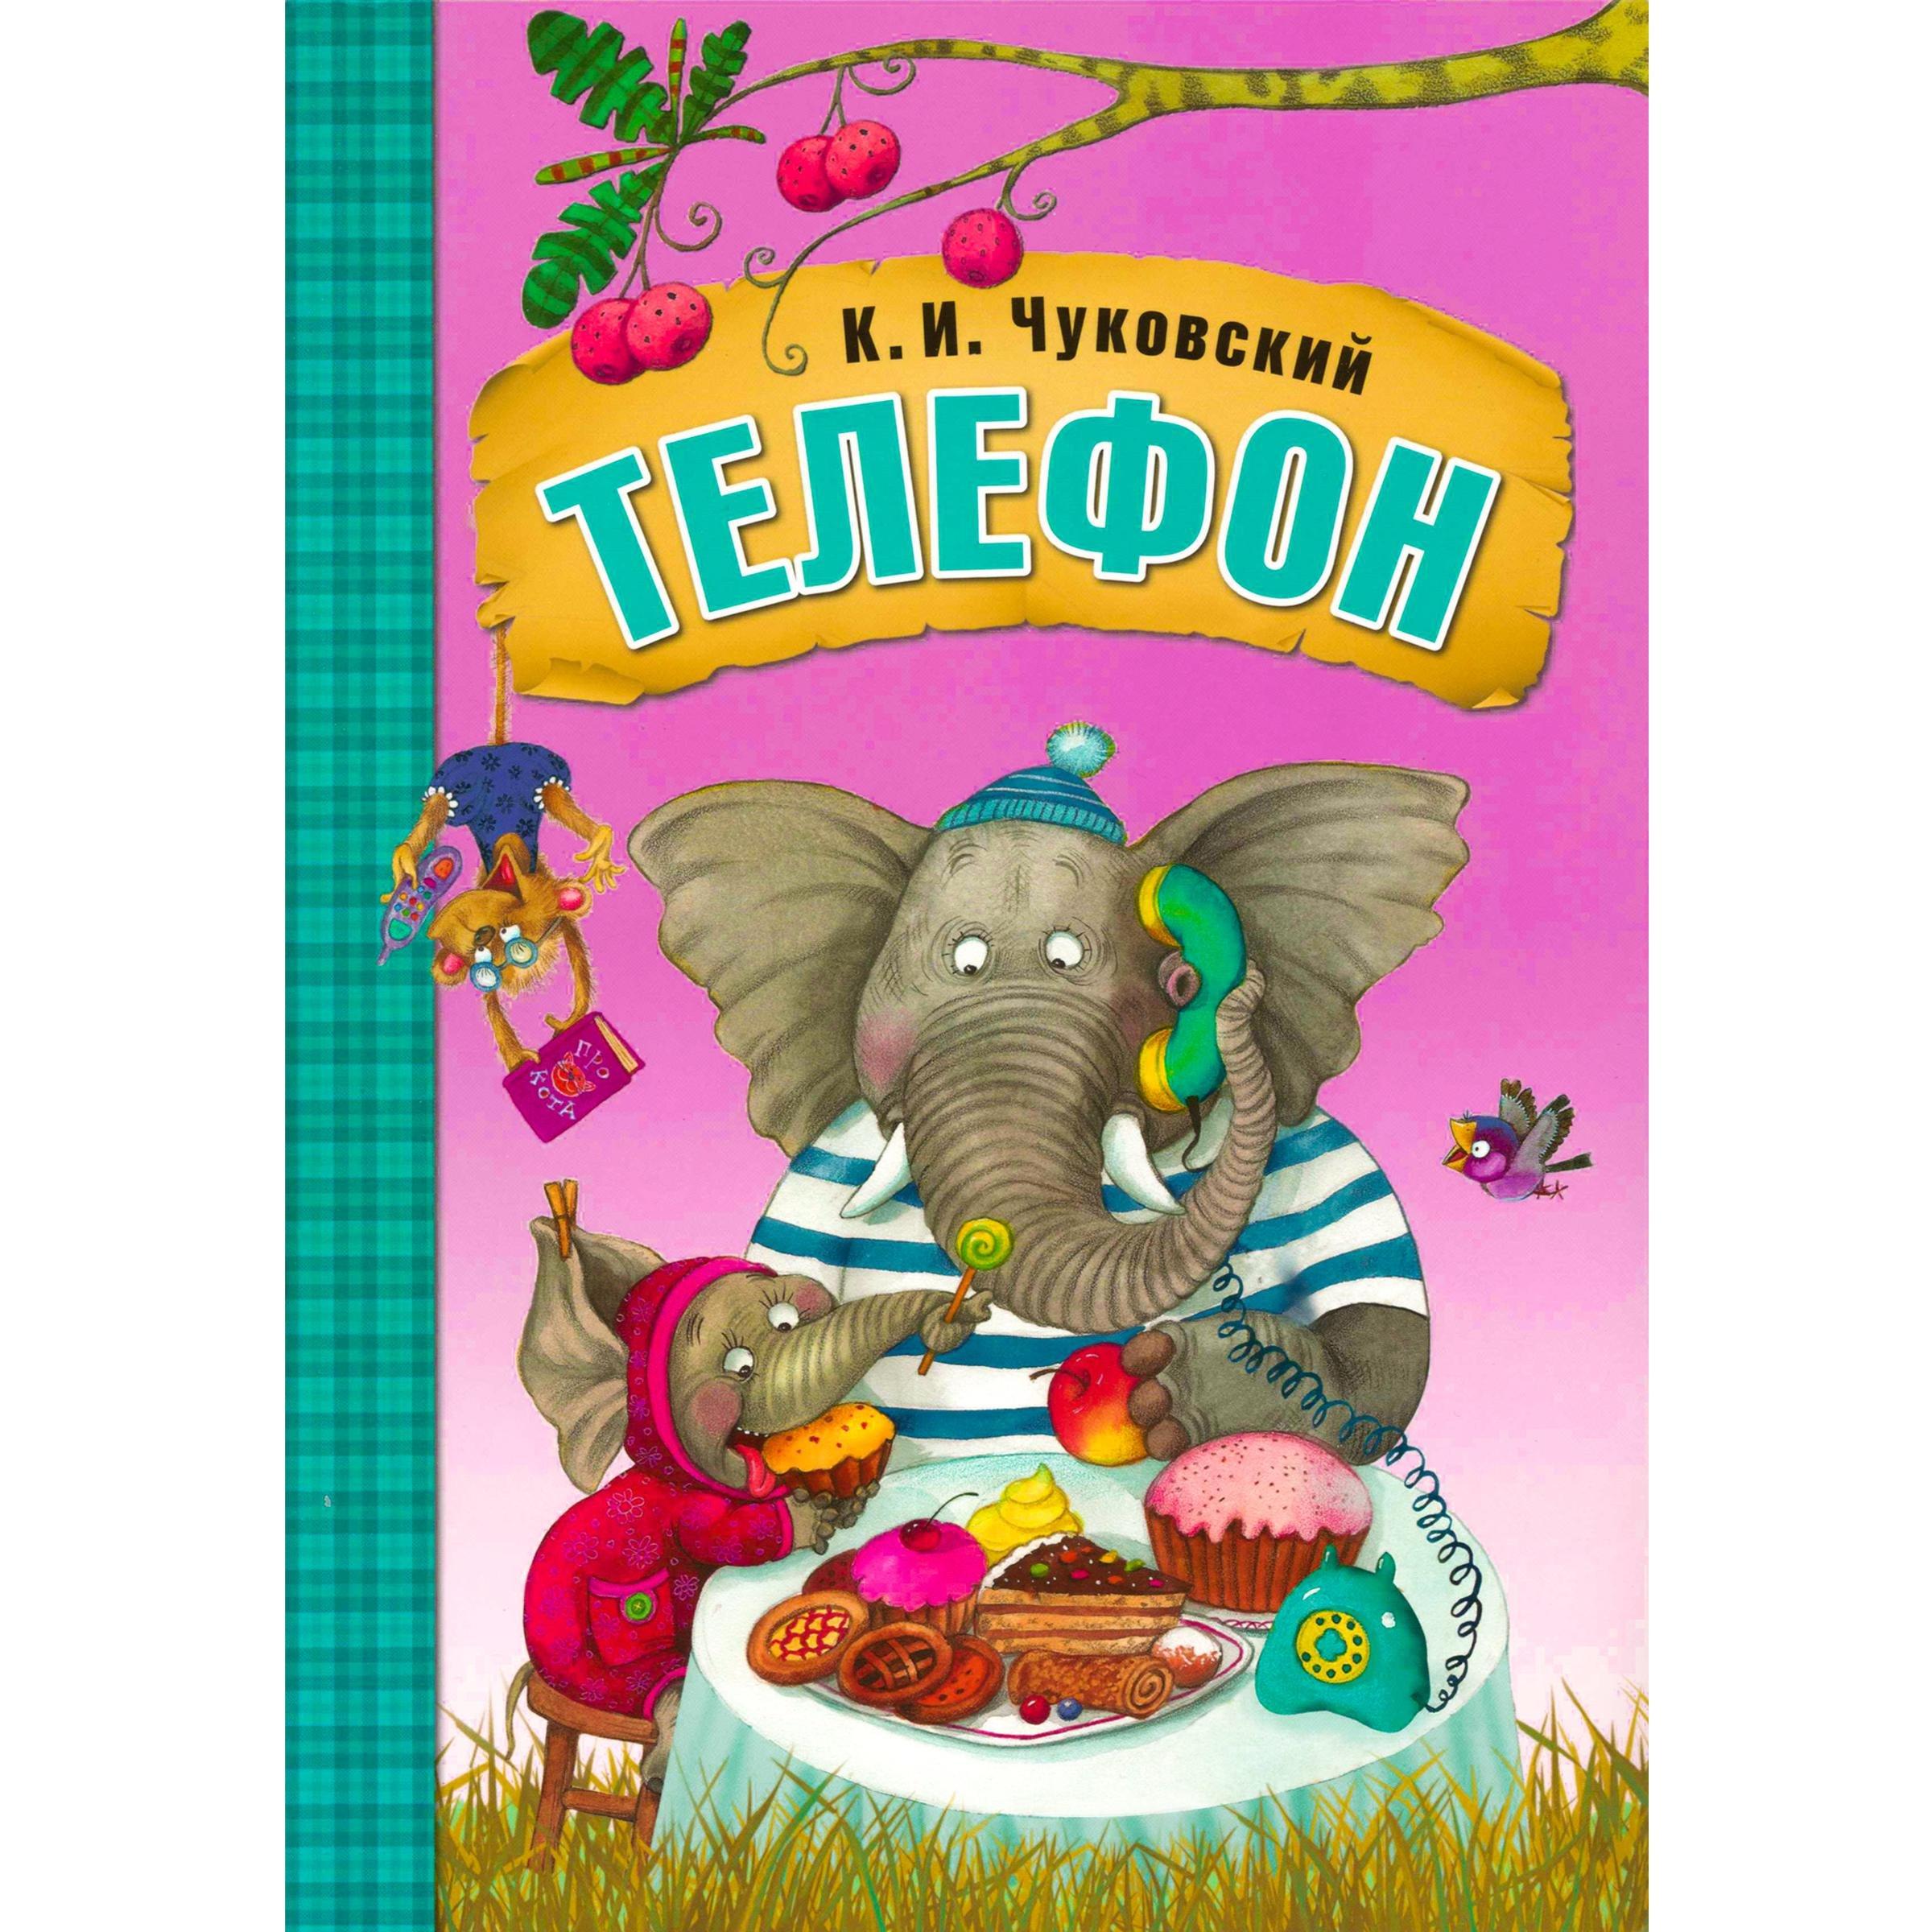 Чуковский Корней Иванович Любимые сказки К.И. Чуковского. Телефон (книга в мягкой обложке)